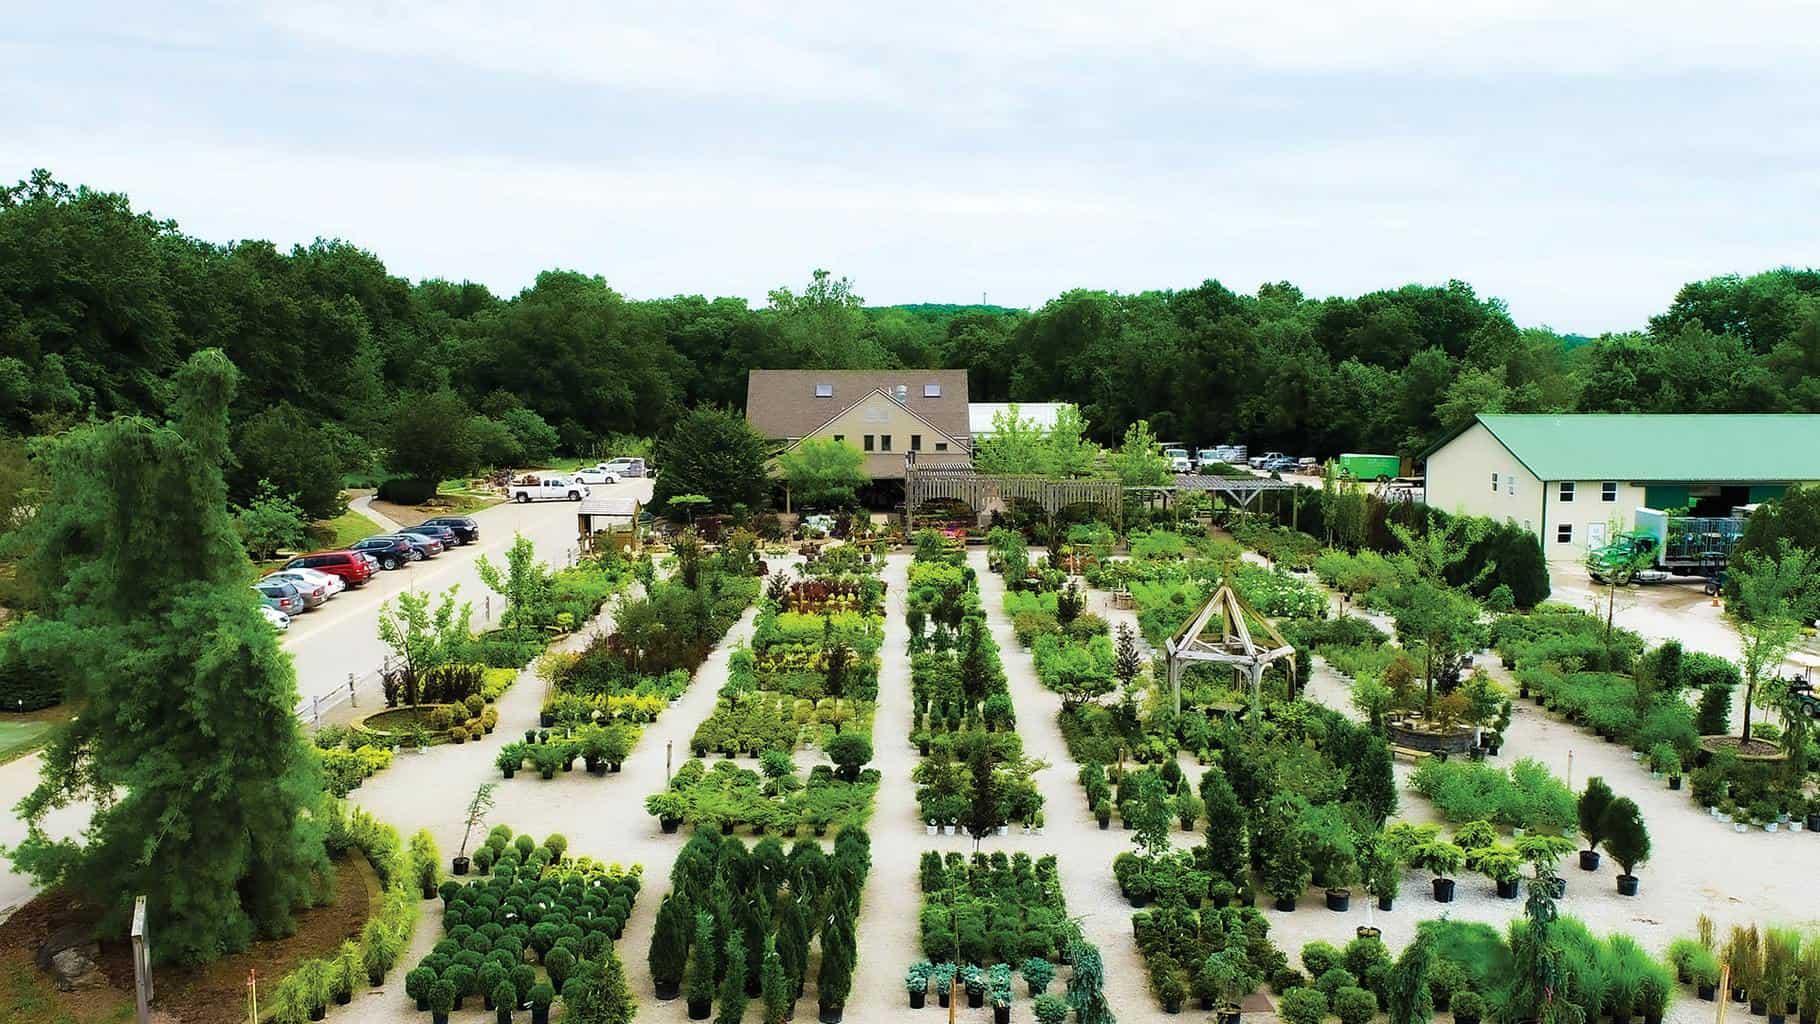 Aerial view of Frisella Nursery